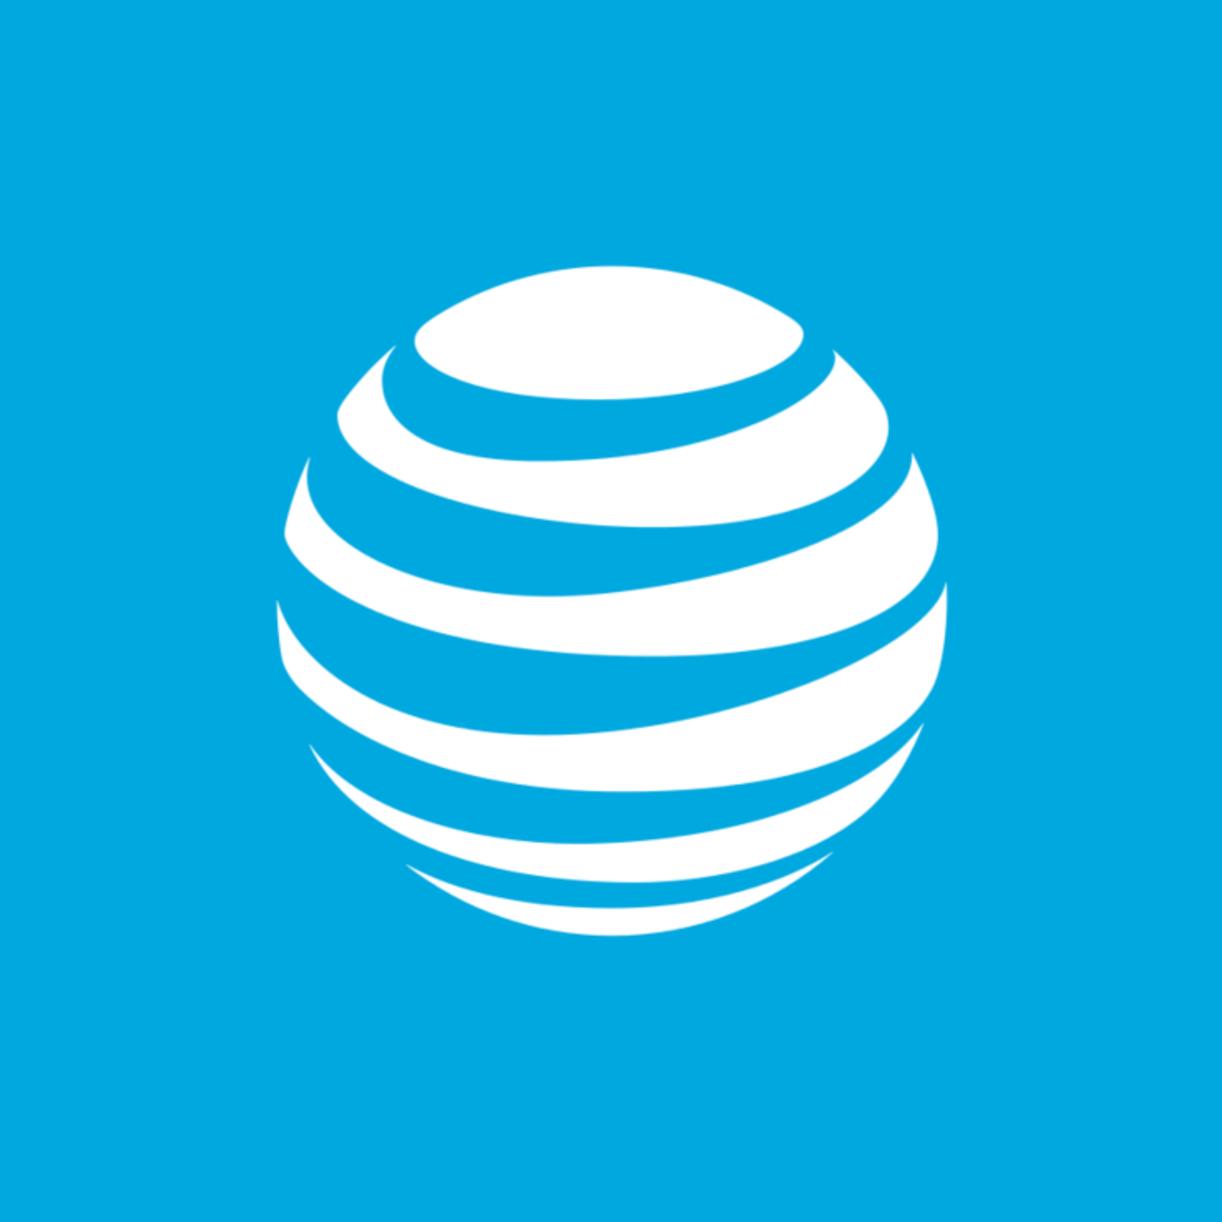 logo-header-black.png